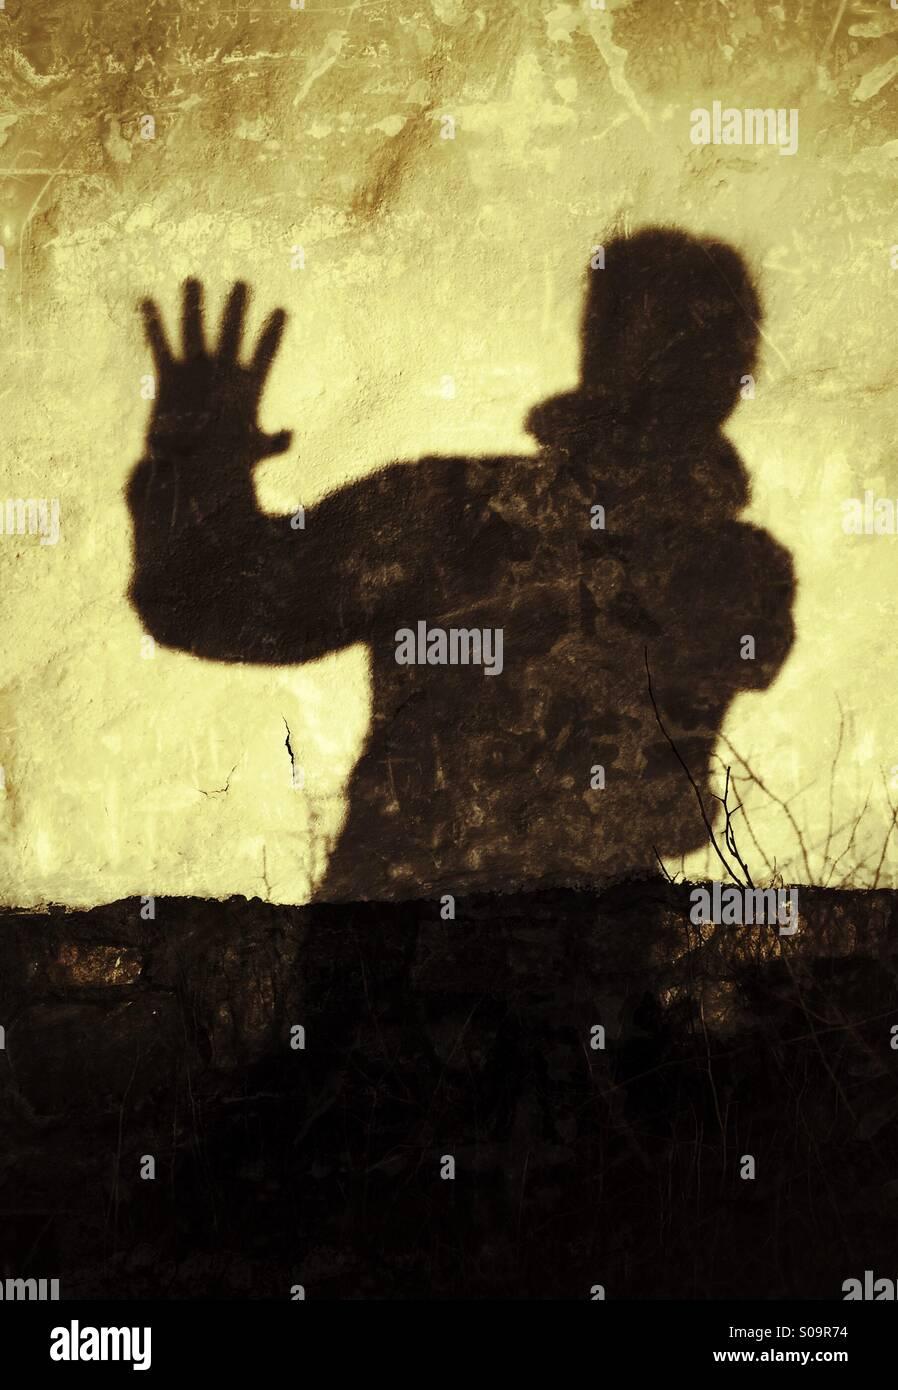 Stop! Nicht mehr! Mann wirft einen Schatten auf die Wand mit dem Ausdruck, Stop!, nicht mehr! Stockbild